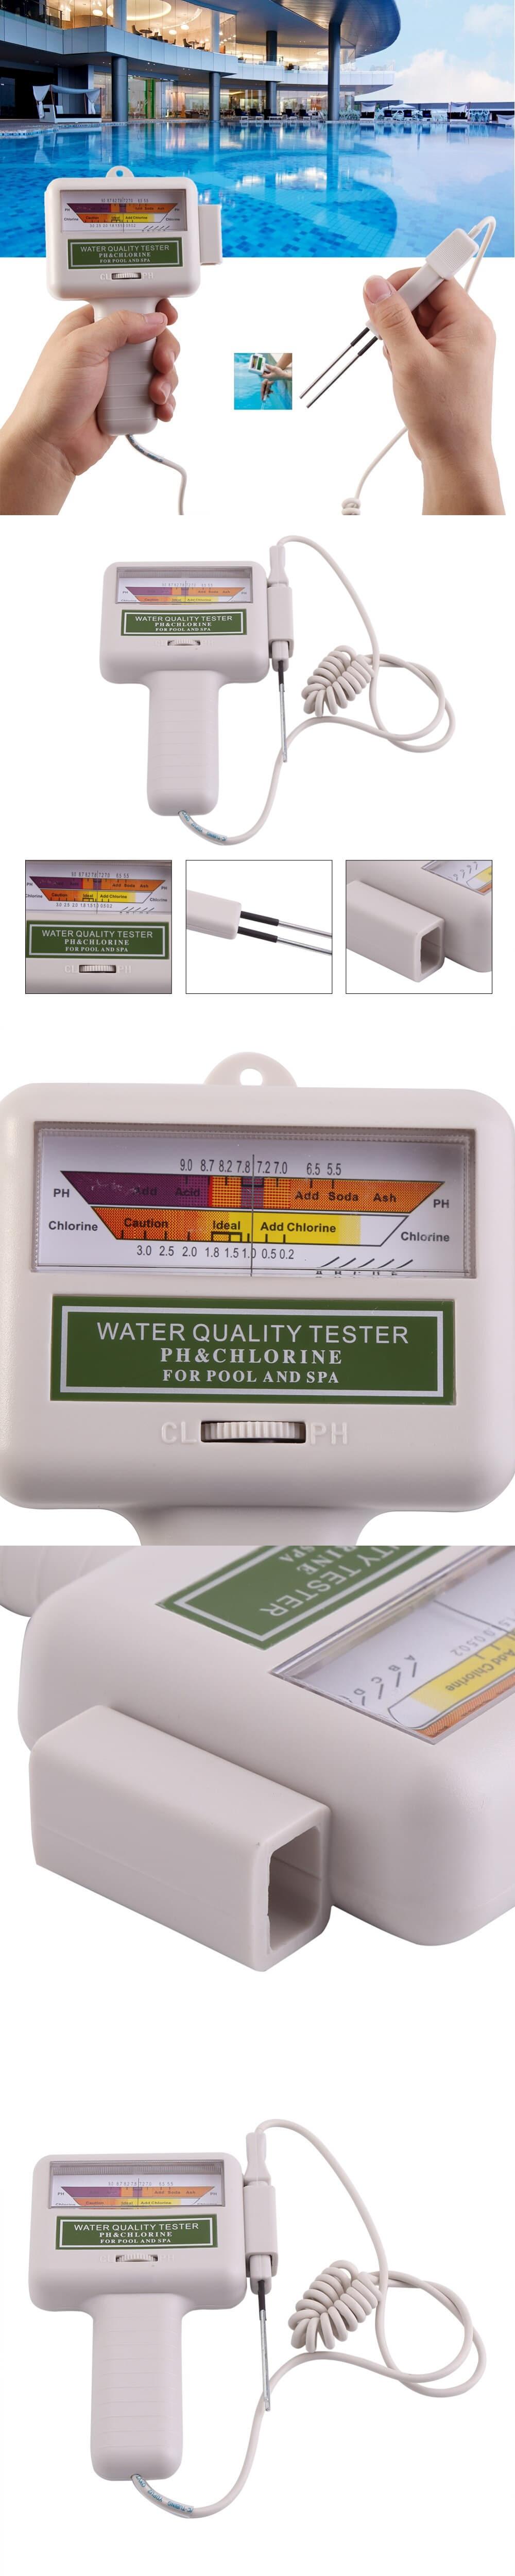 전류염소측정기(CL2측정기),PH수소이온동노측정기 겸용_물 수질검사장비